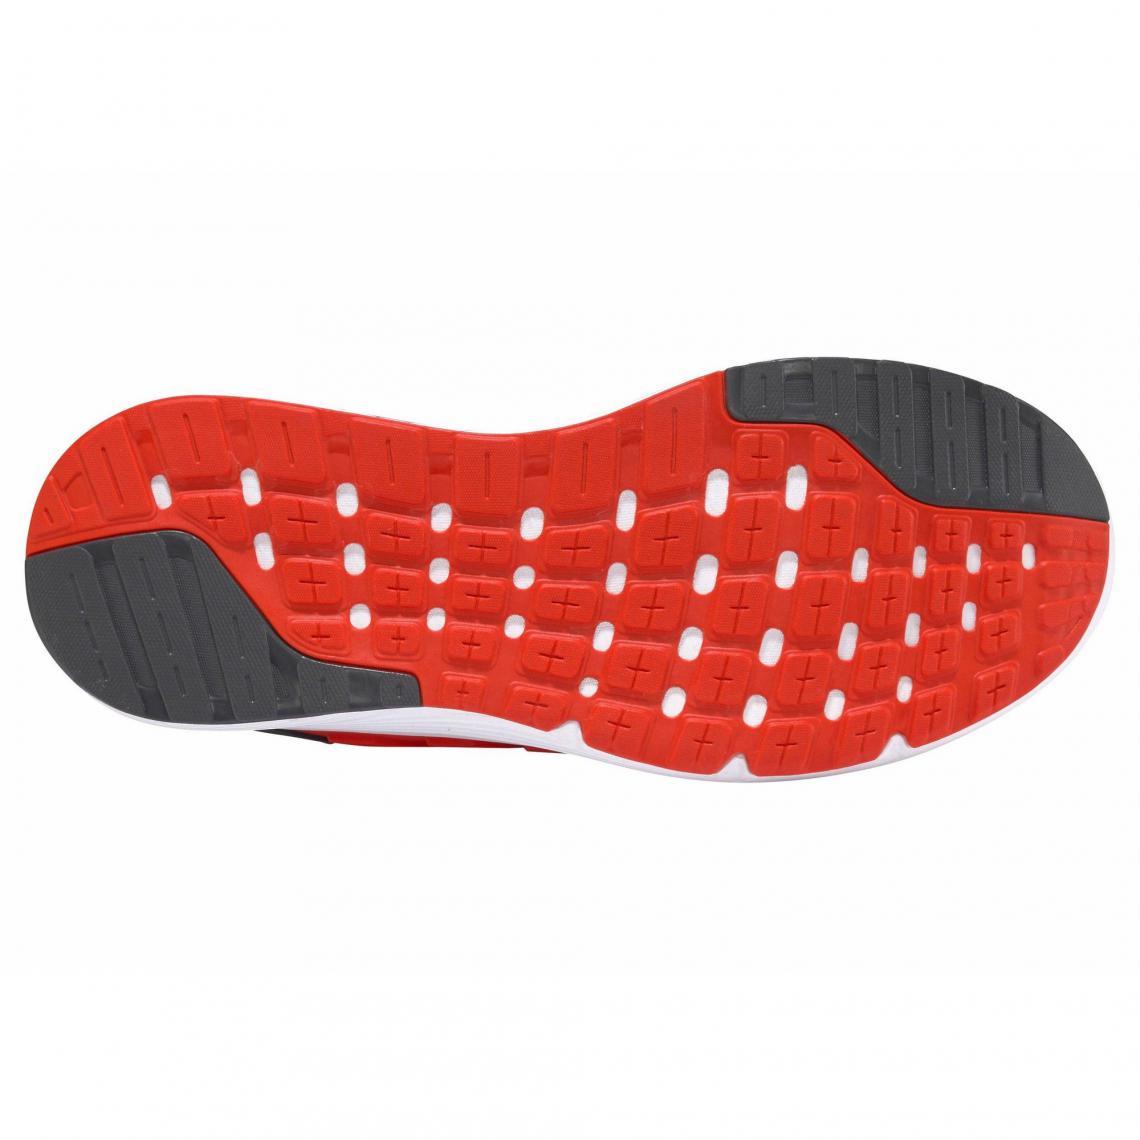 2ac960081a570 adidas Performance Galaxy 4 chaussures de running homme - bleu foncé Adidas